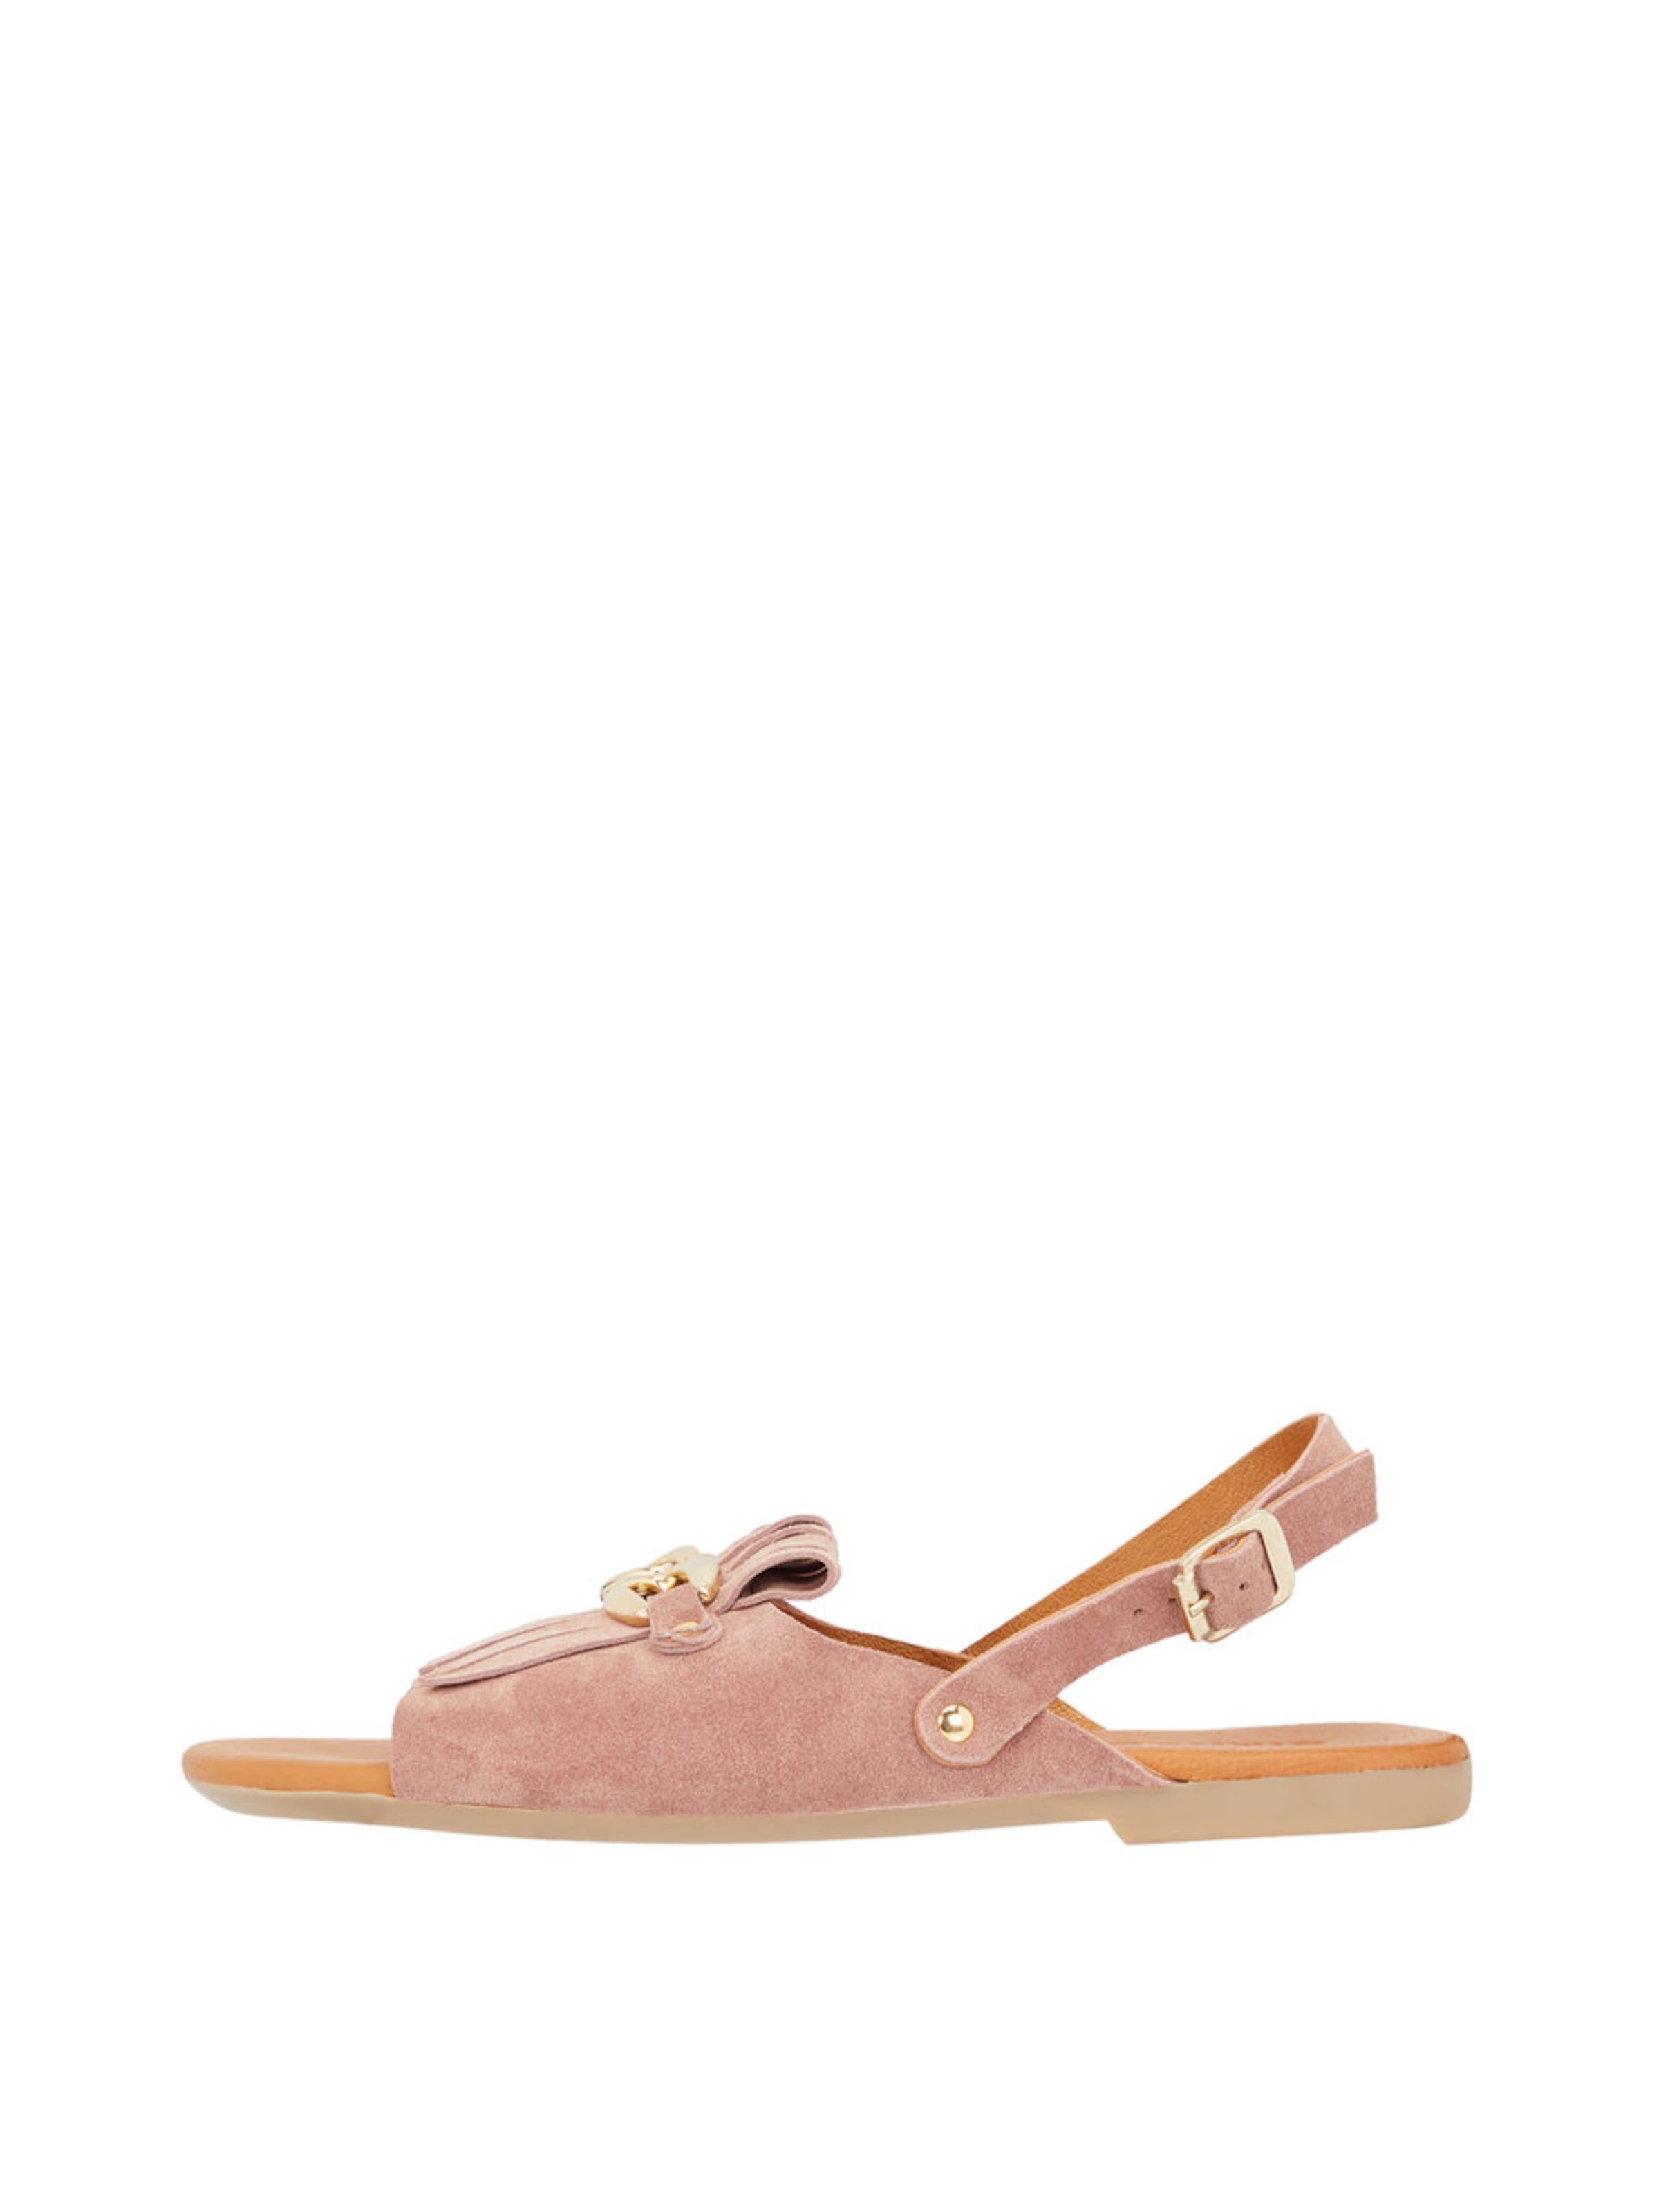 Bianco Fransen Sandalen Günstige und langlebige Schuhe